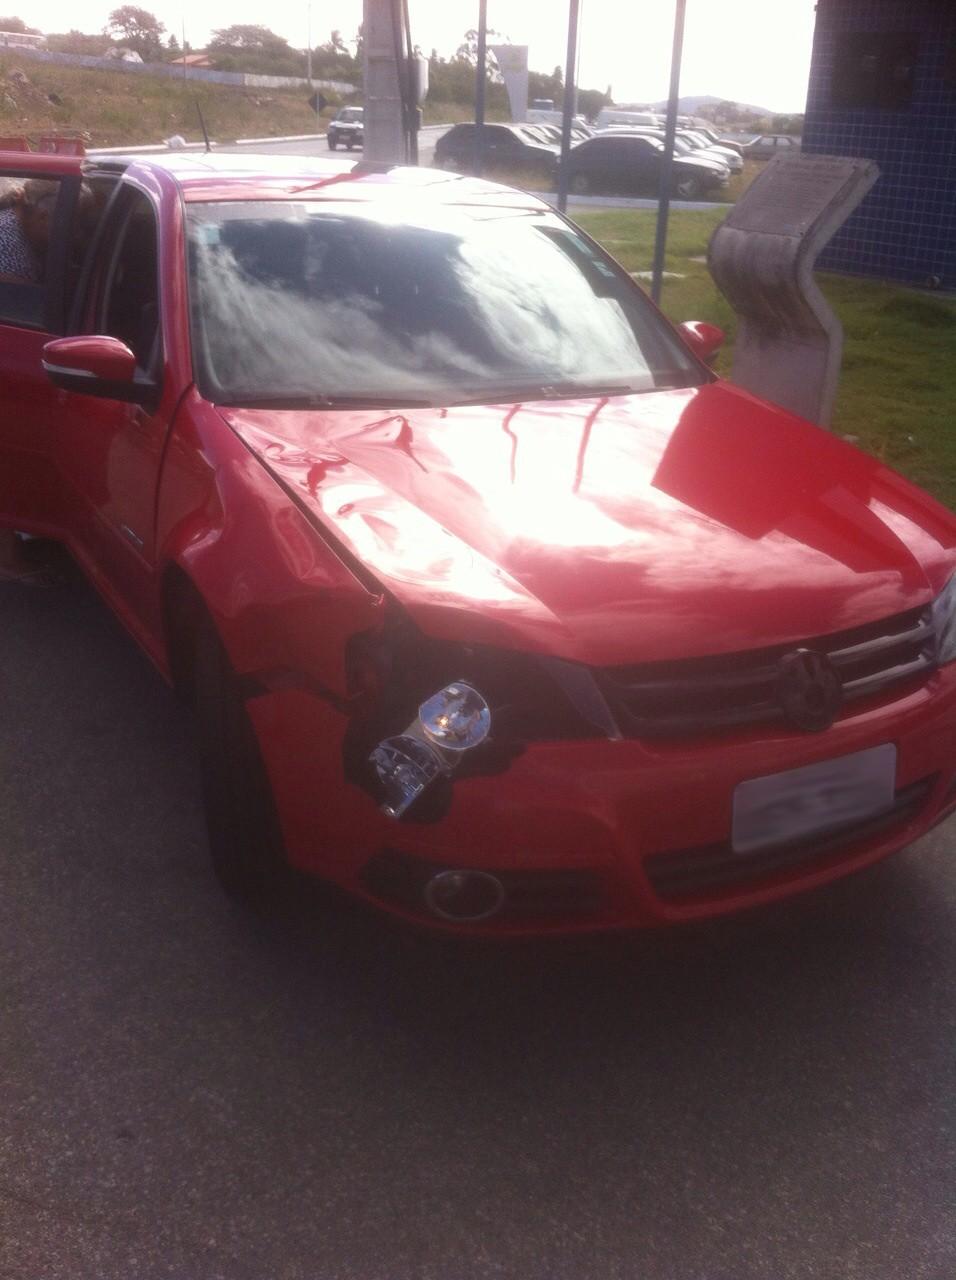 Carro envolvido em acidente no município de Garanhuns, Pernambuco (Foto: Divulgação/ FPF-PE)